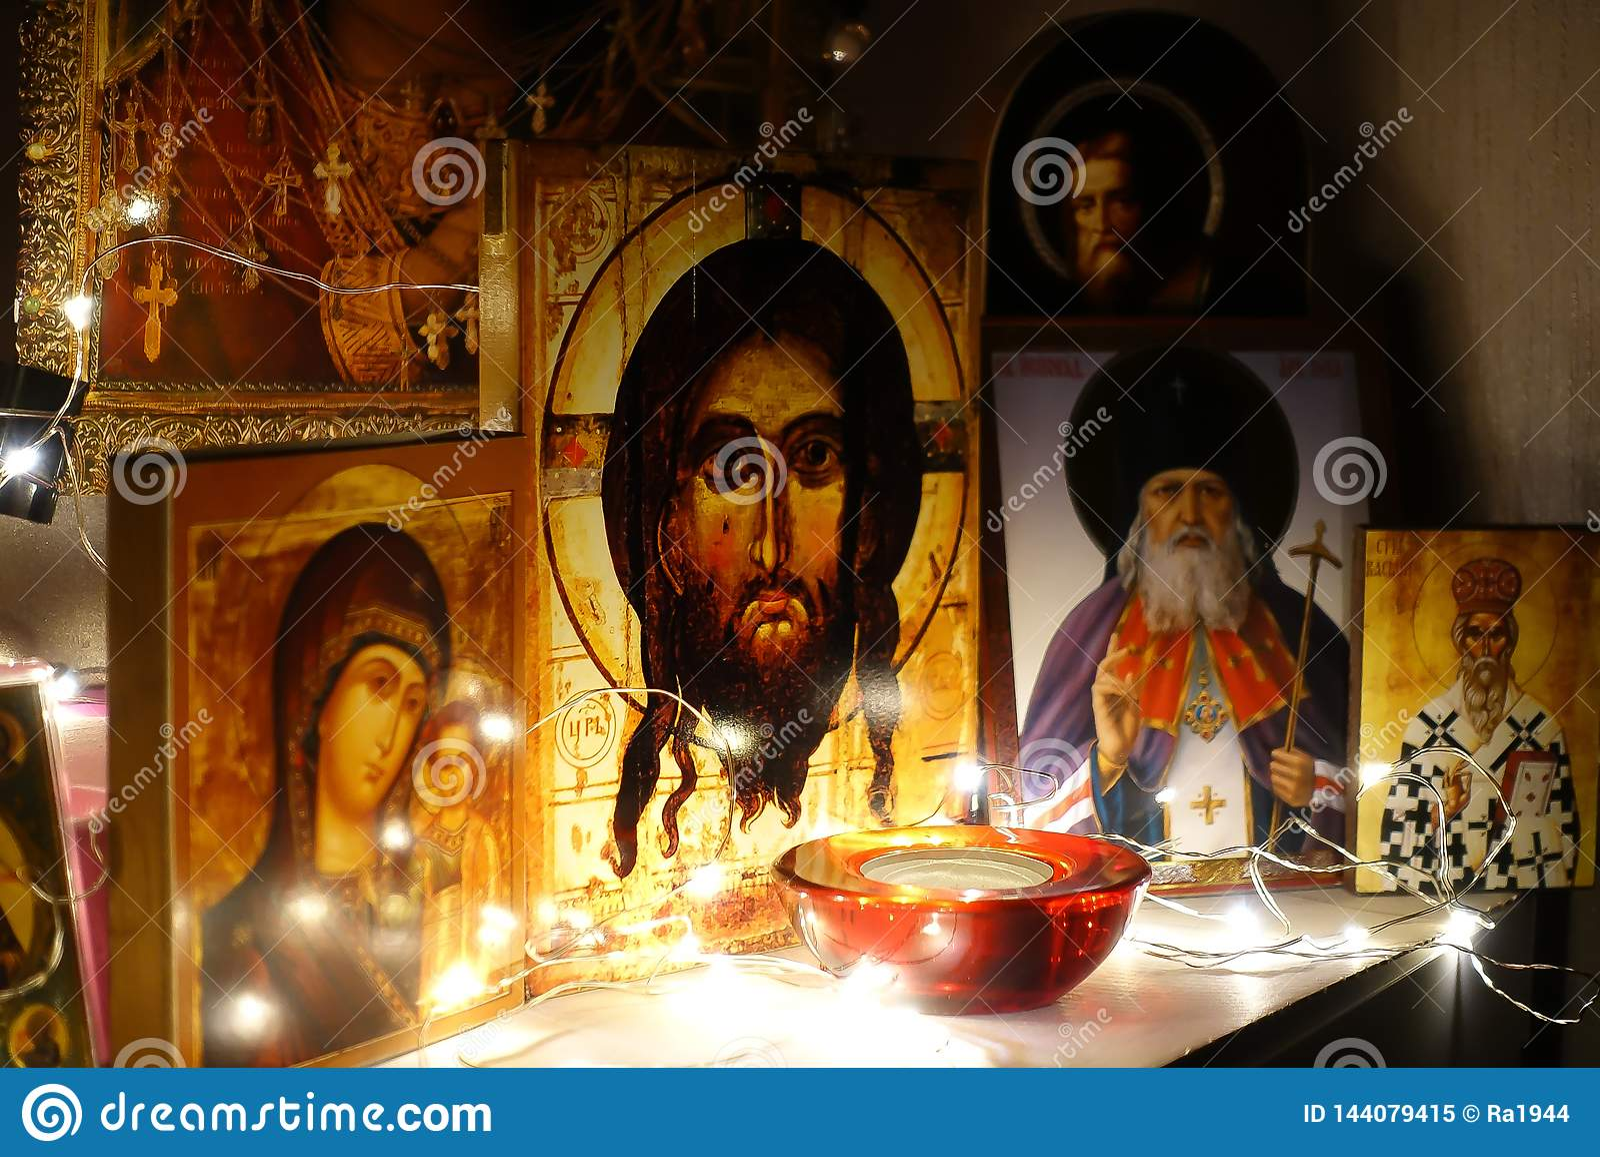 Canto para a oração Igreja tradicional da casa do russo Oração ao deus Ícones iluminados por uma festão Jesus Christ Ancient orto